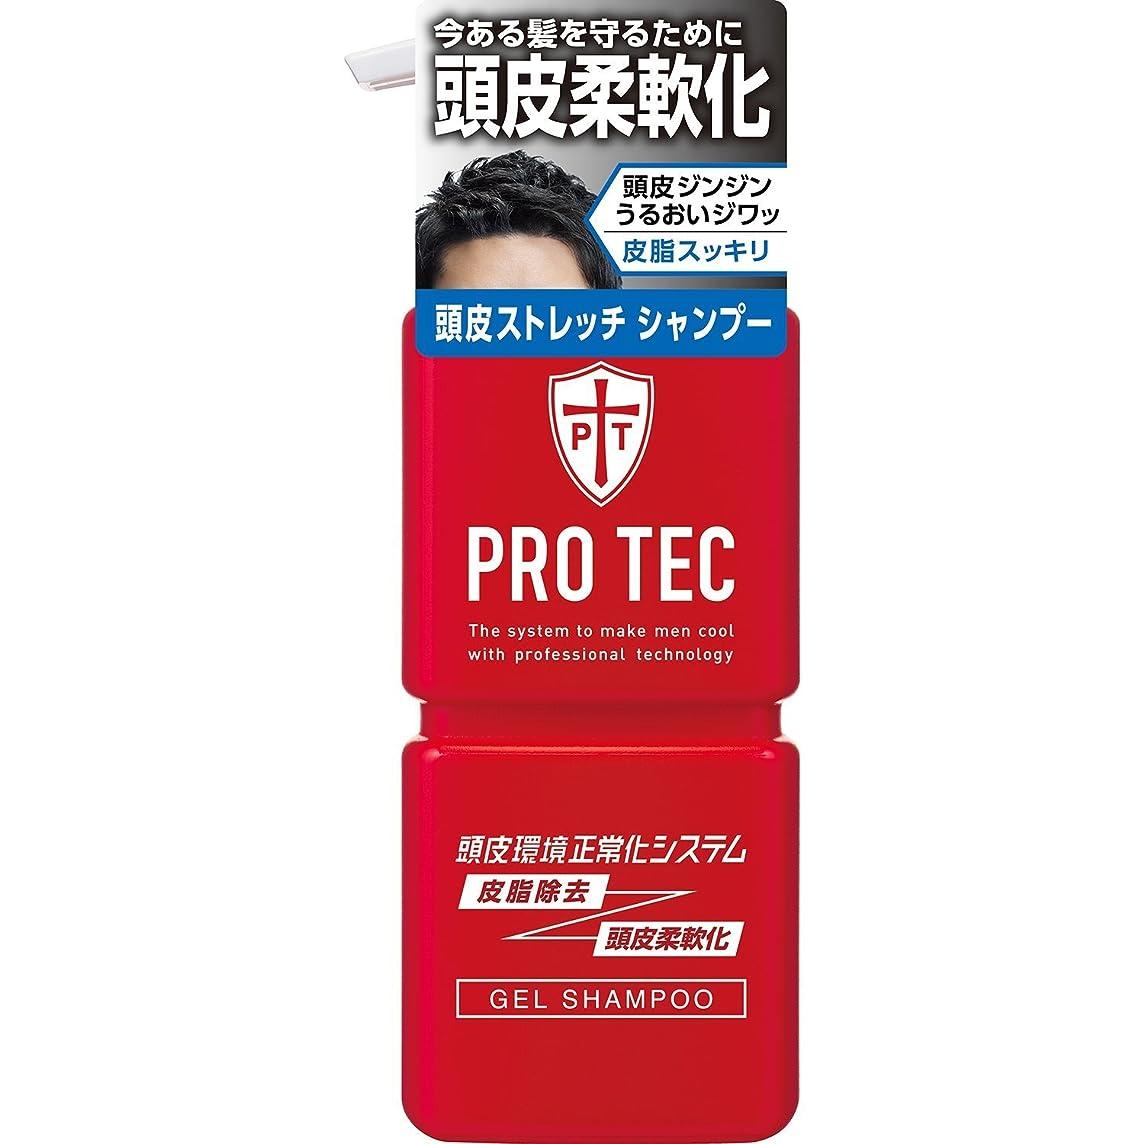 解明する出撃者誘導PRO TEC(プロテク) 頭皮ストレッチシャンプー ポンプ 300g (医薬部外品) ×10個セット